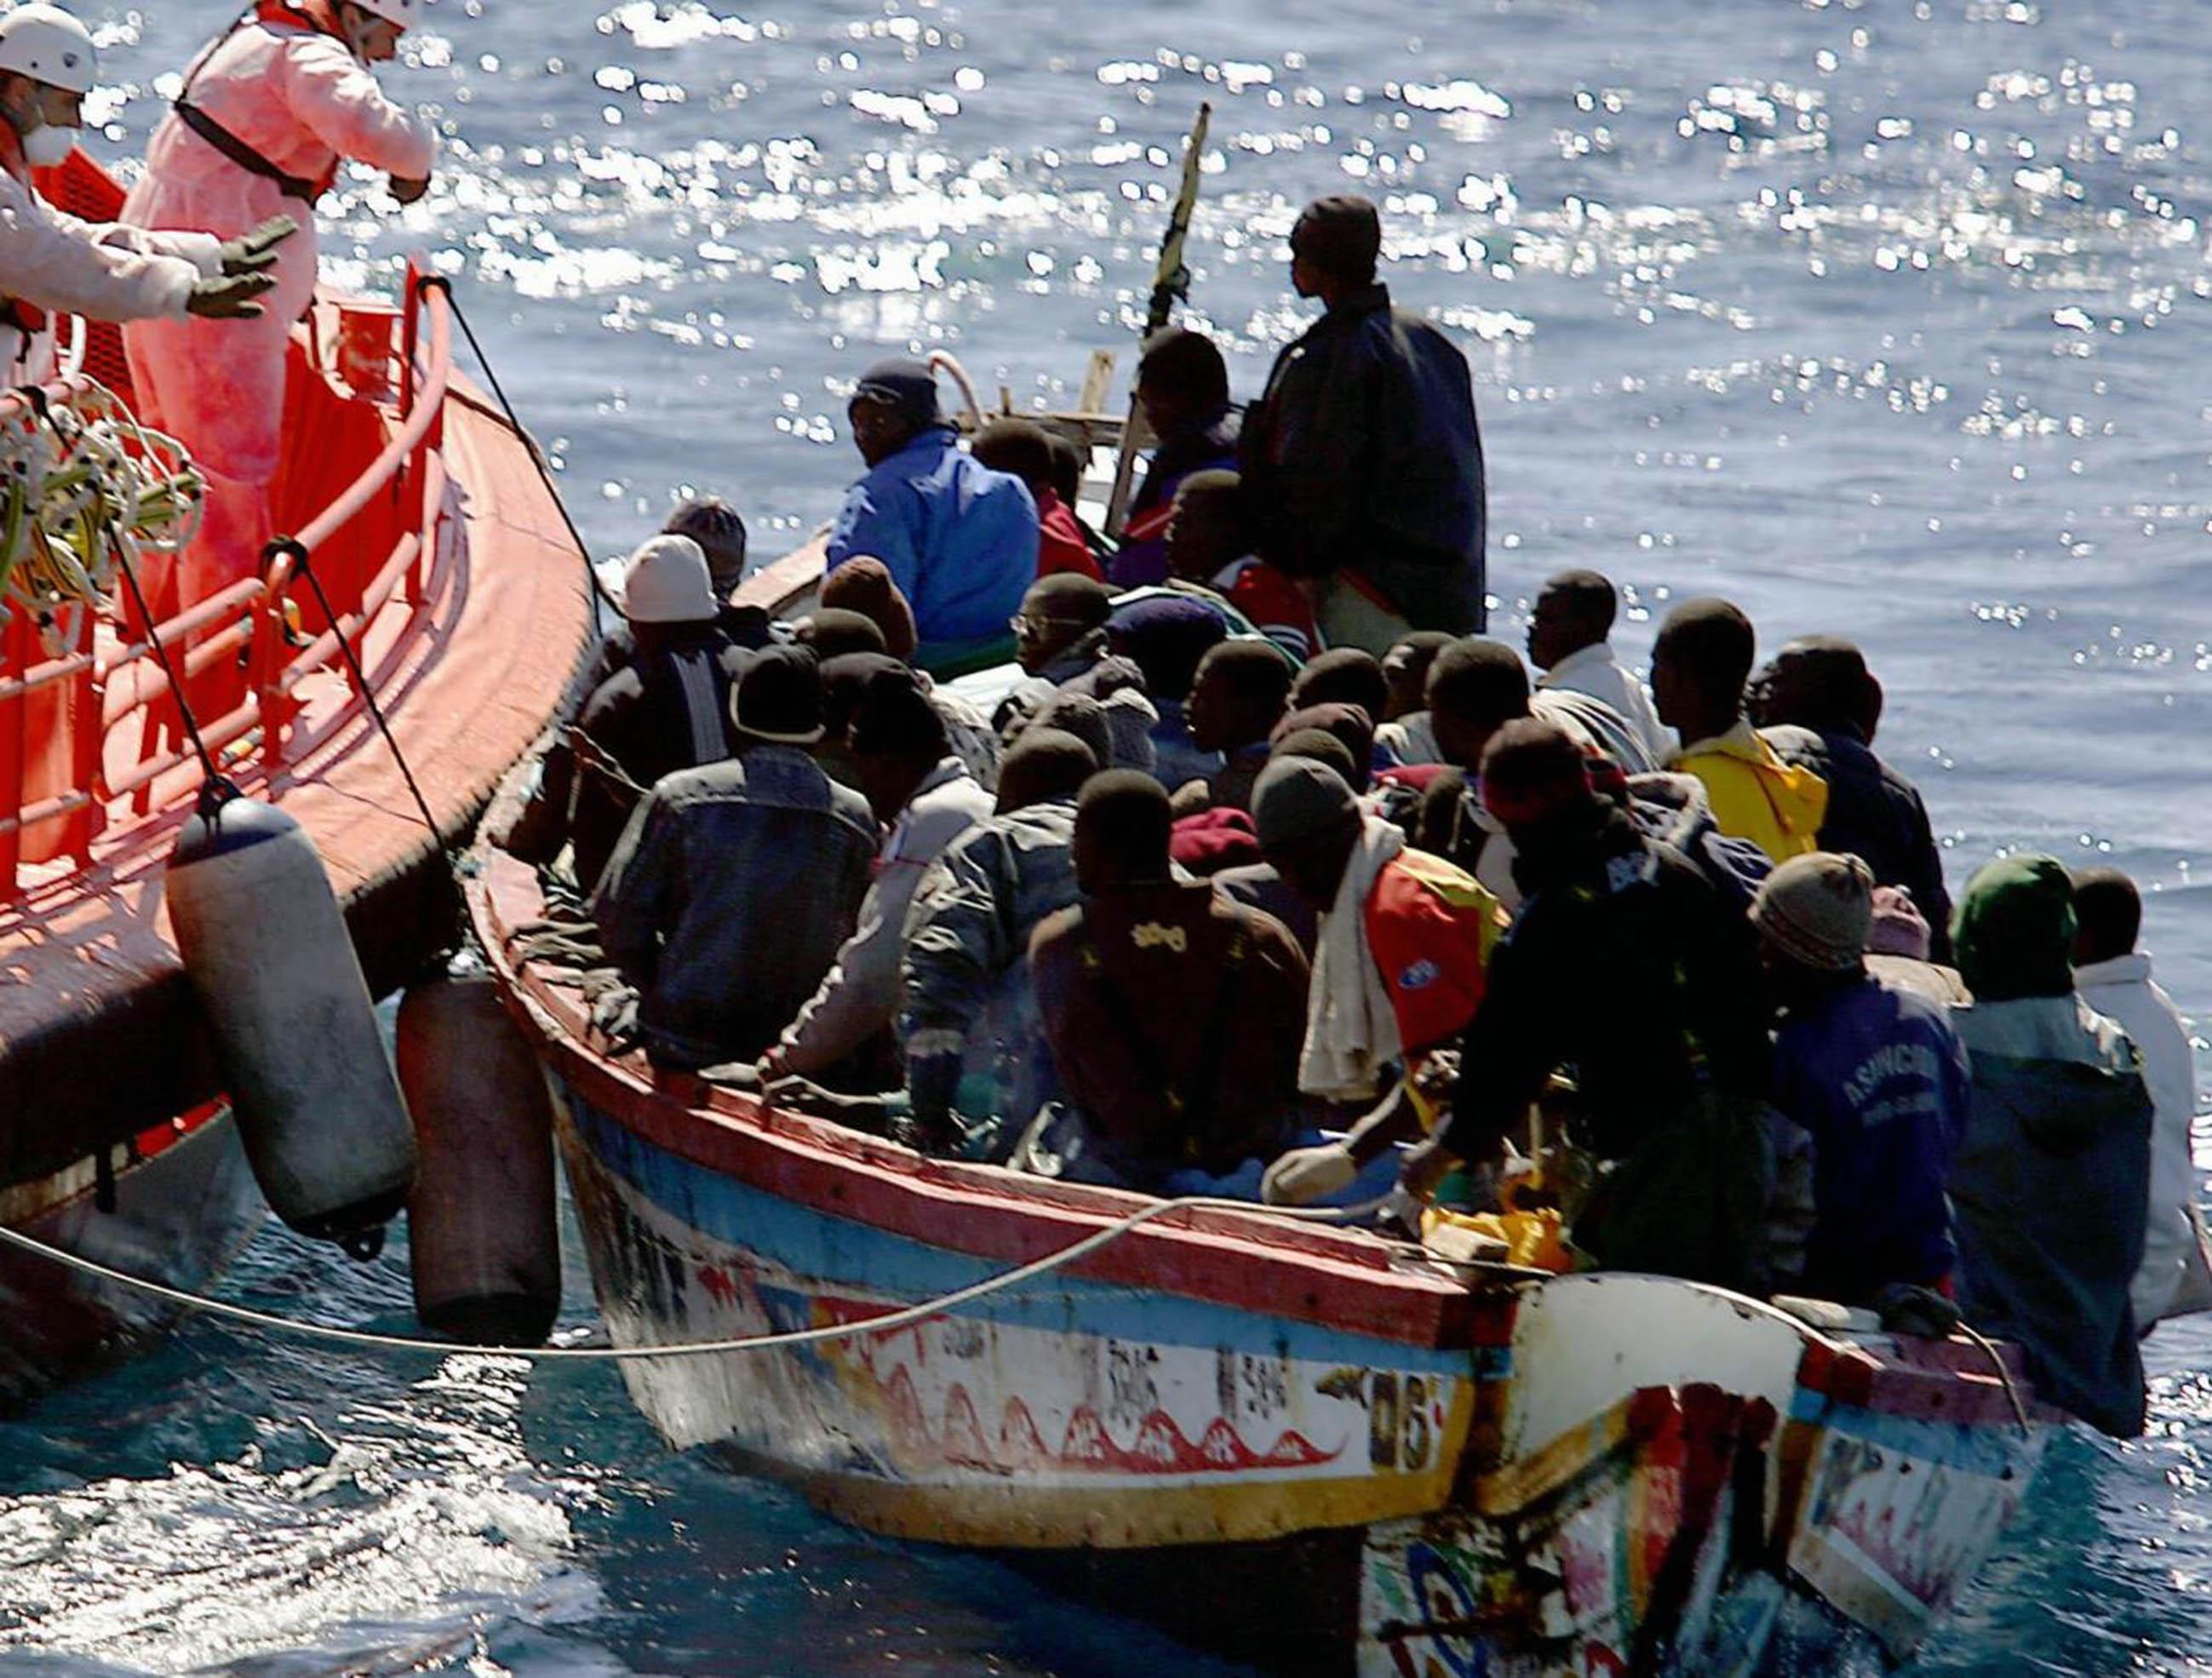 Solidaridad o indiferencia, debate de países europeos ante ola de inmigrantes-UNAM